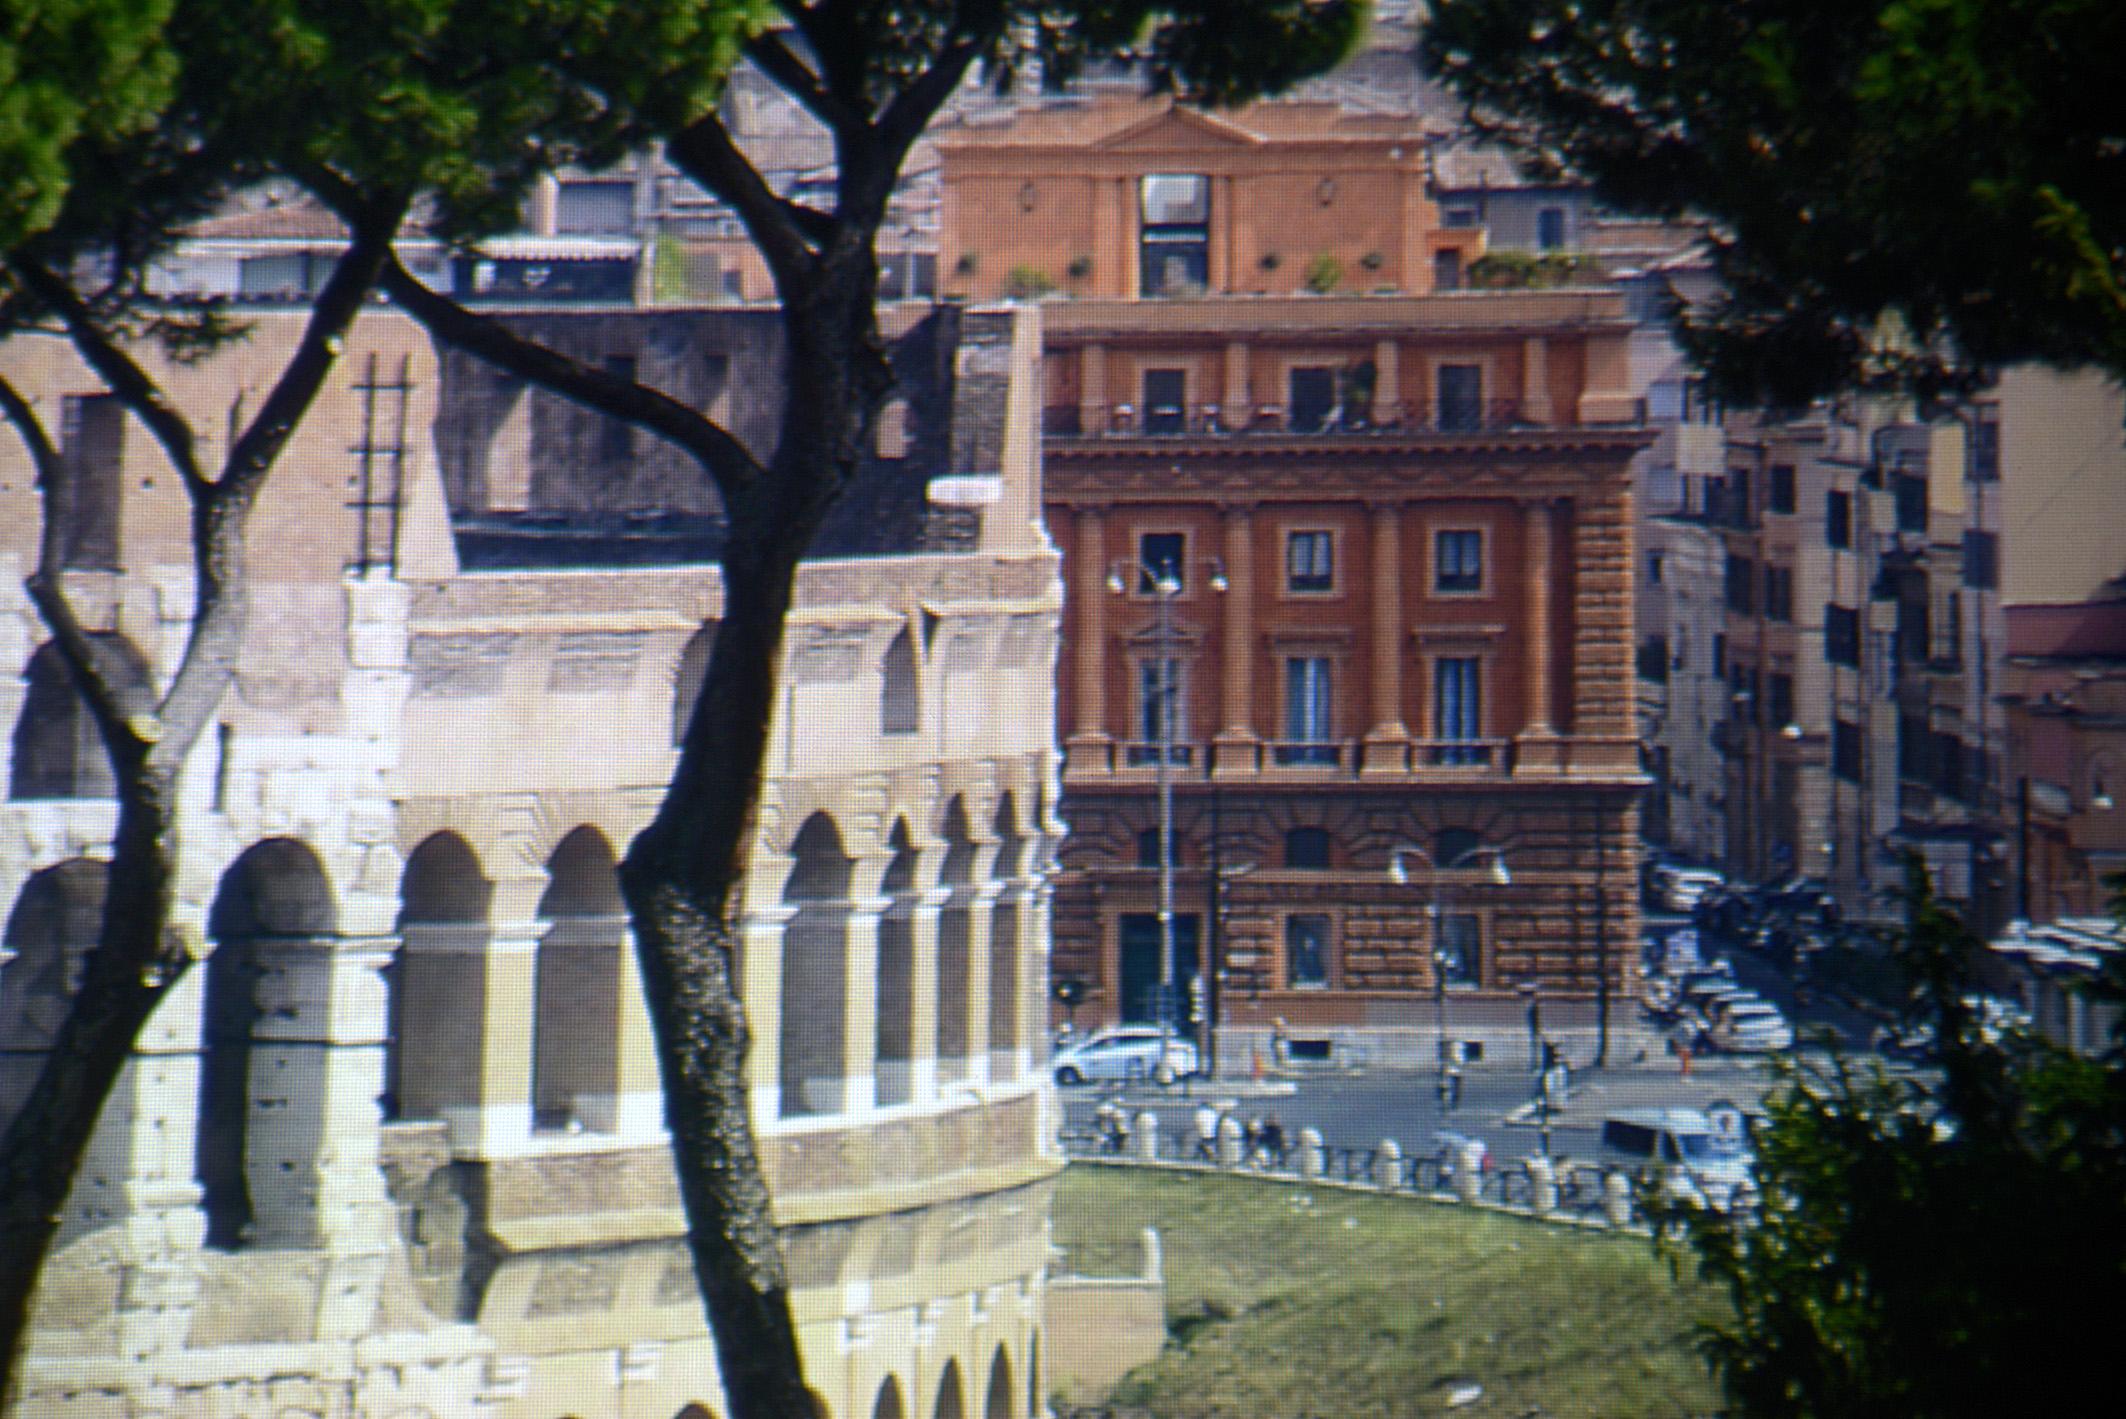 Foto: Michael B. Rehders - Dieser Screenshot zeigt einen kleinen Ausschnitt aus einem 4K-Bildwerk aus Rom. Neben dem Kolosseum steht ein gemauertes Haus in verschiedenen rot/braunen Farbtönen. Die Straßenlaternen davor sind vollständig zu sehen. Selbst der Zaun wird detailreich reproduziert, der das Kolosseum von der Straße abgrenzt.